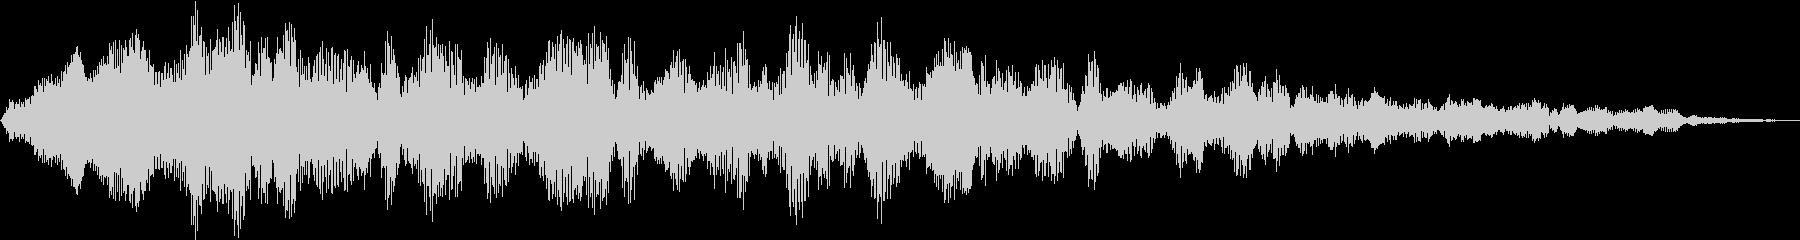 タイトルロゴに合うサウンド_06の未再生の波形